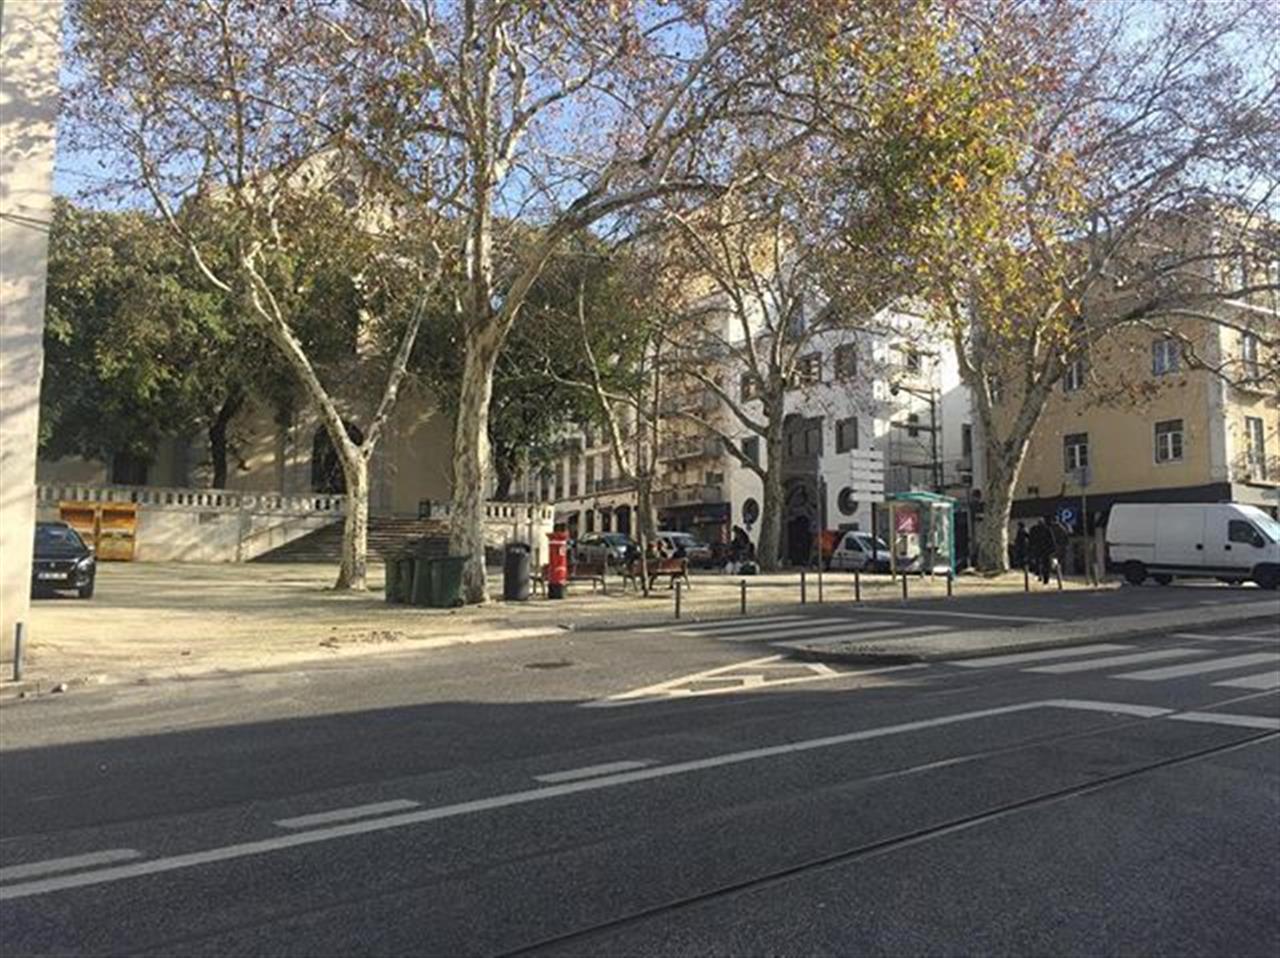 Sempre que sair de casa, esta pode ser a sua vista! Veja mais em www.ins.pt | Ref. 100638A #insrealestateportugal #leadingrelocal #principereal #lisbon #portugal